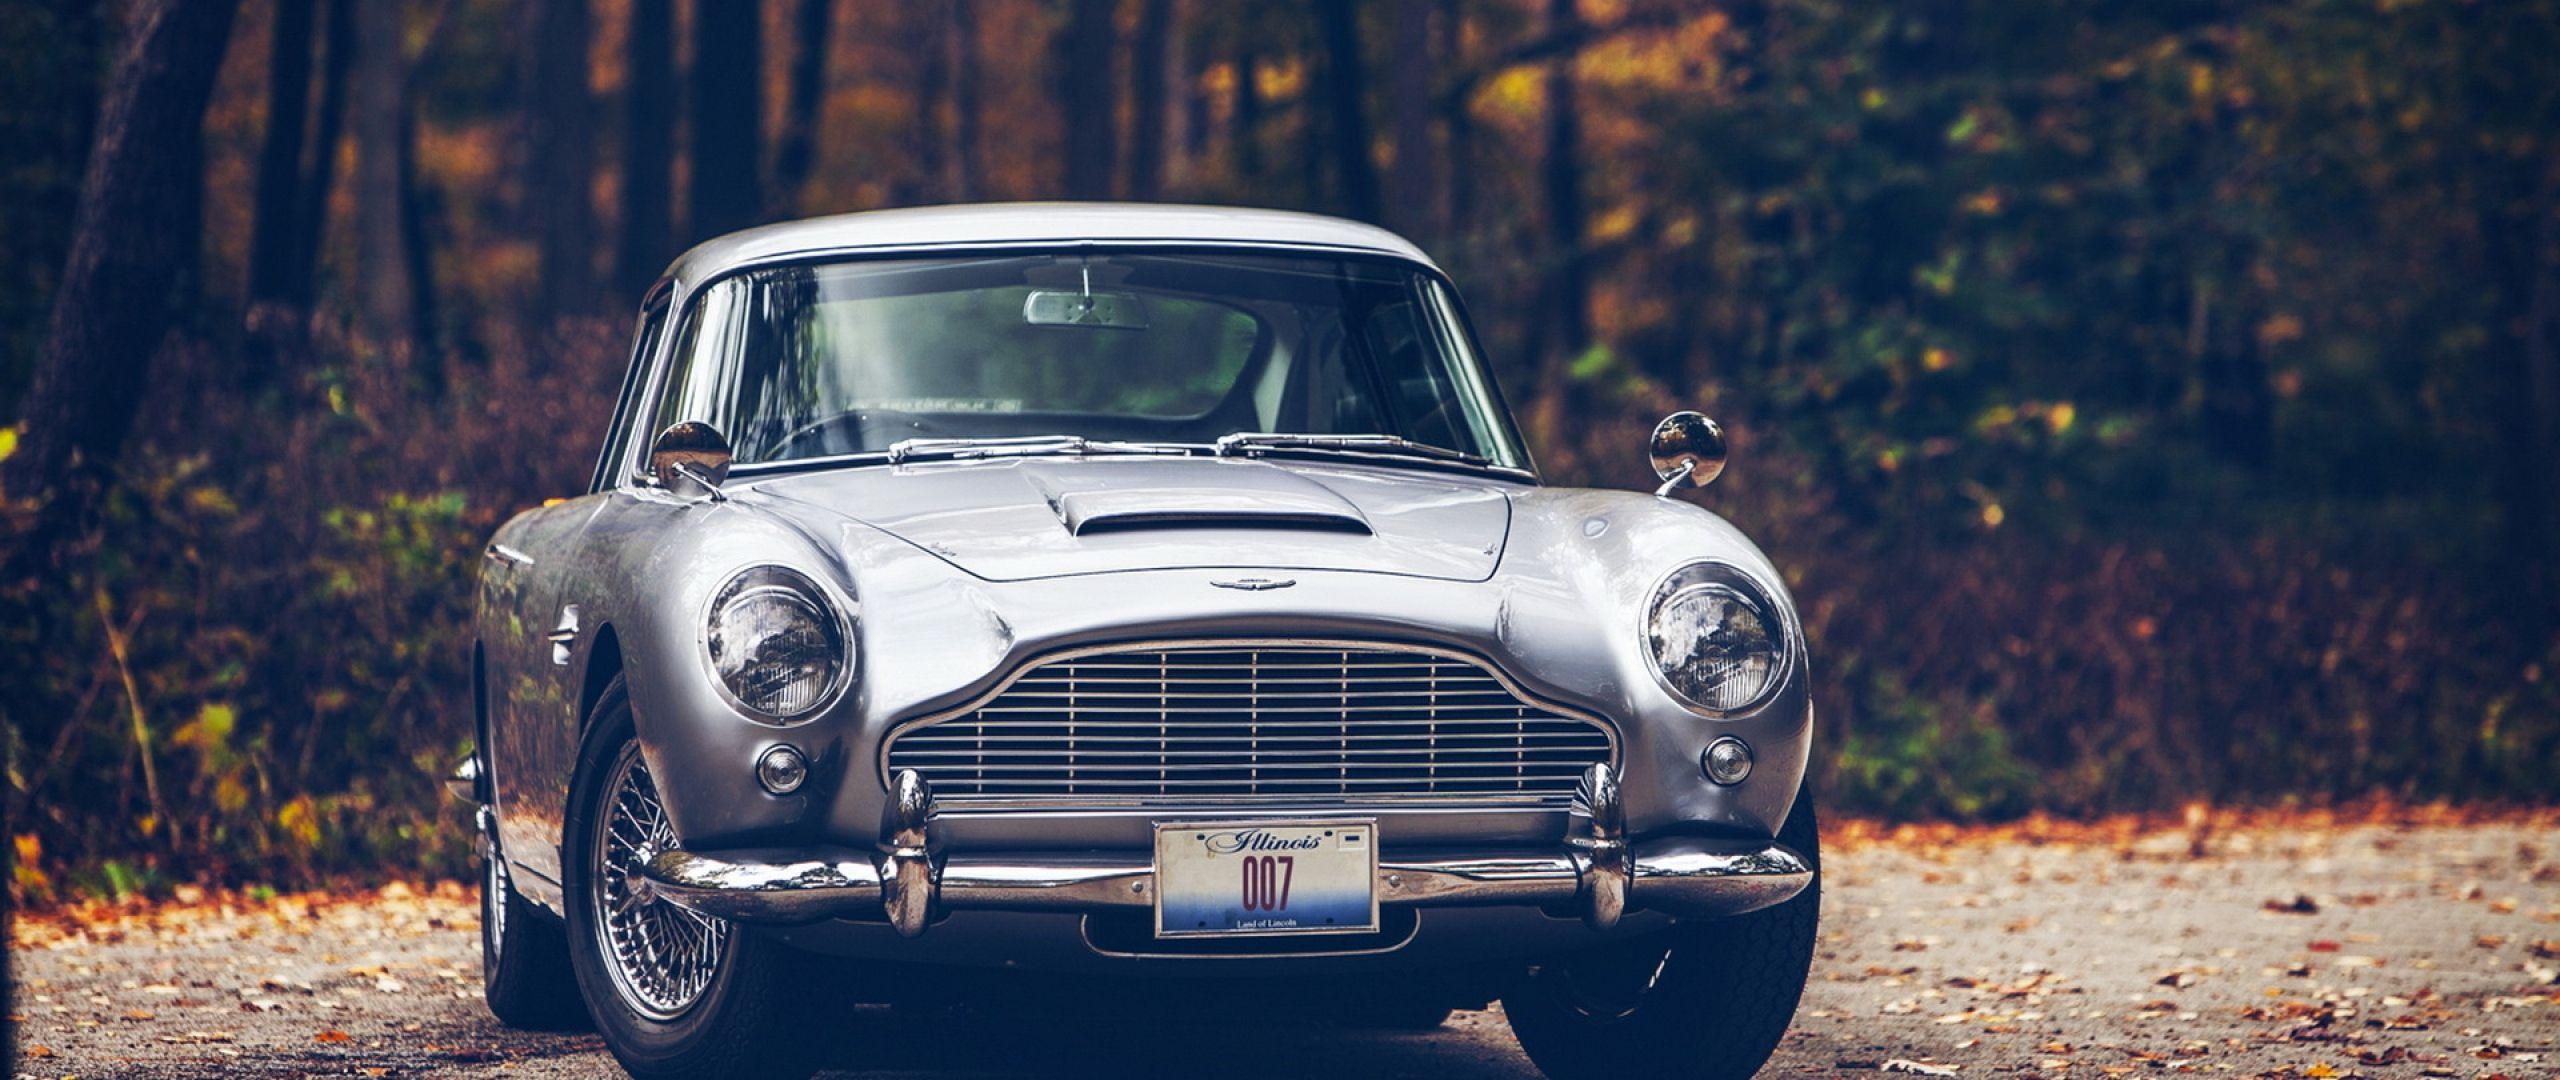 Download Wallpaper 2560x1080 Car, Db5, Aston martin 2560x1080 21:9 .